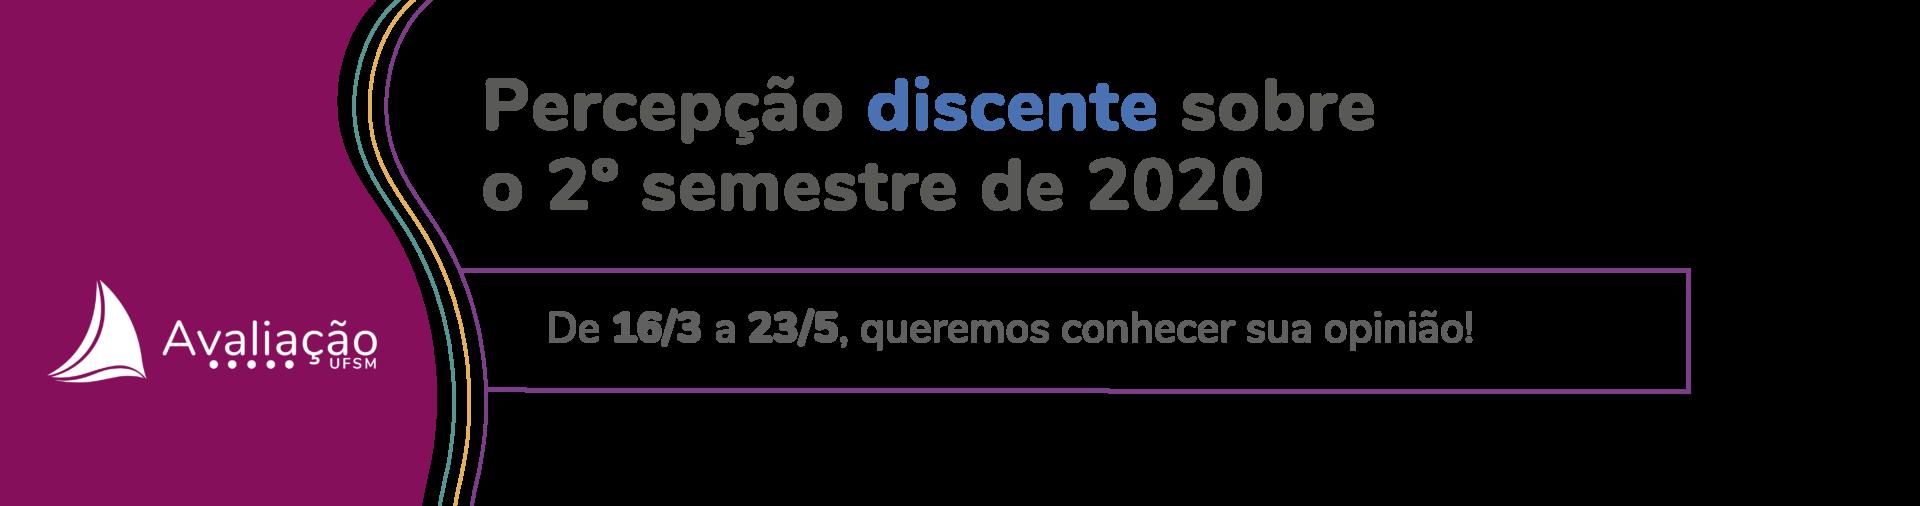 Banner branco com onda azul e texto: Percepção Discente sobre o 2º semestre de 2020. De 16/3 a 18/4, queremos conhecer sua opinião!